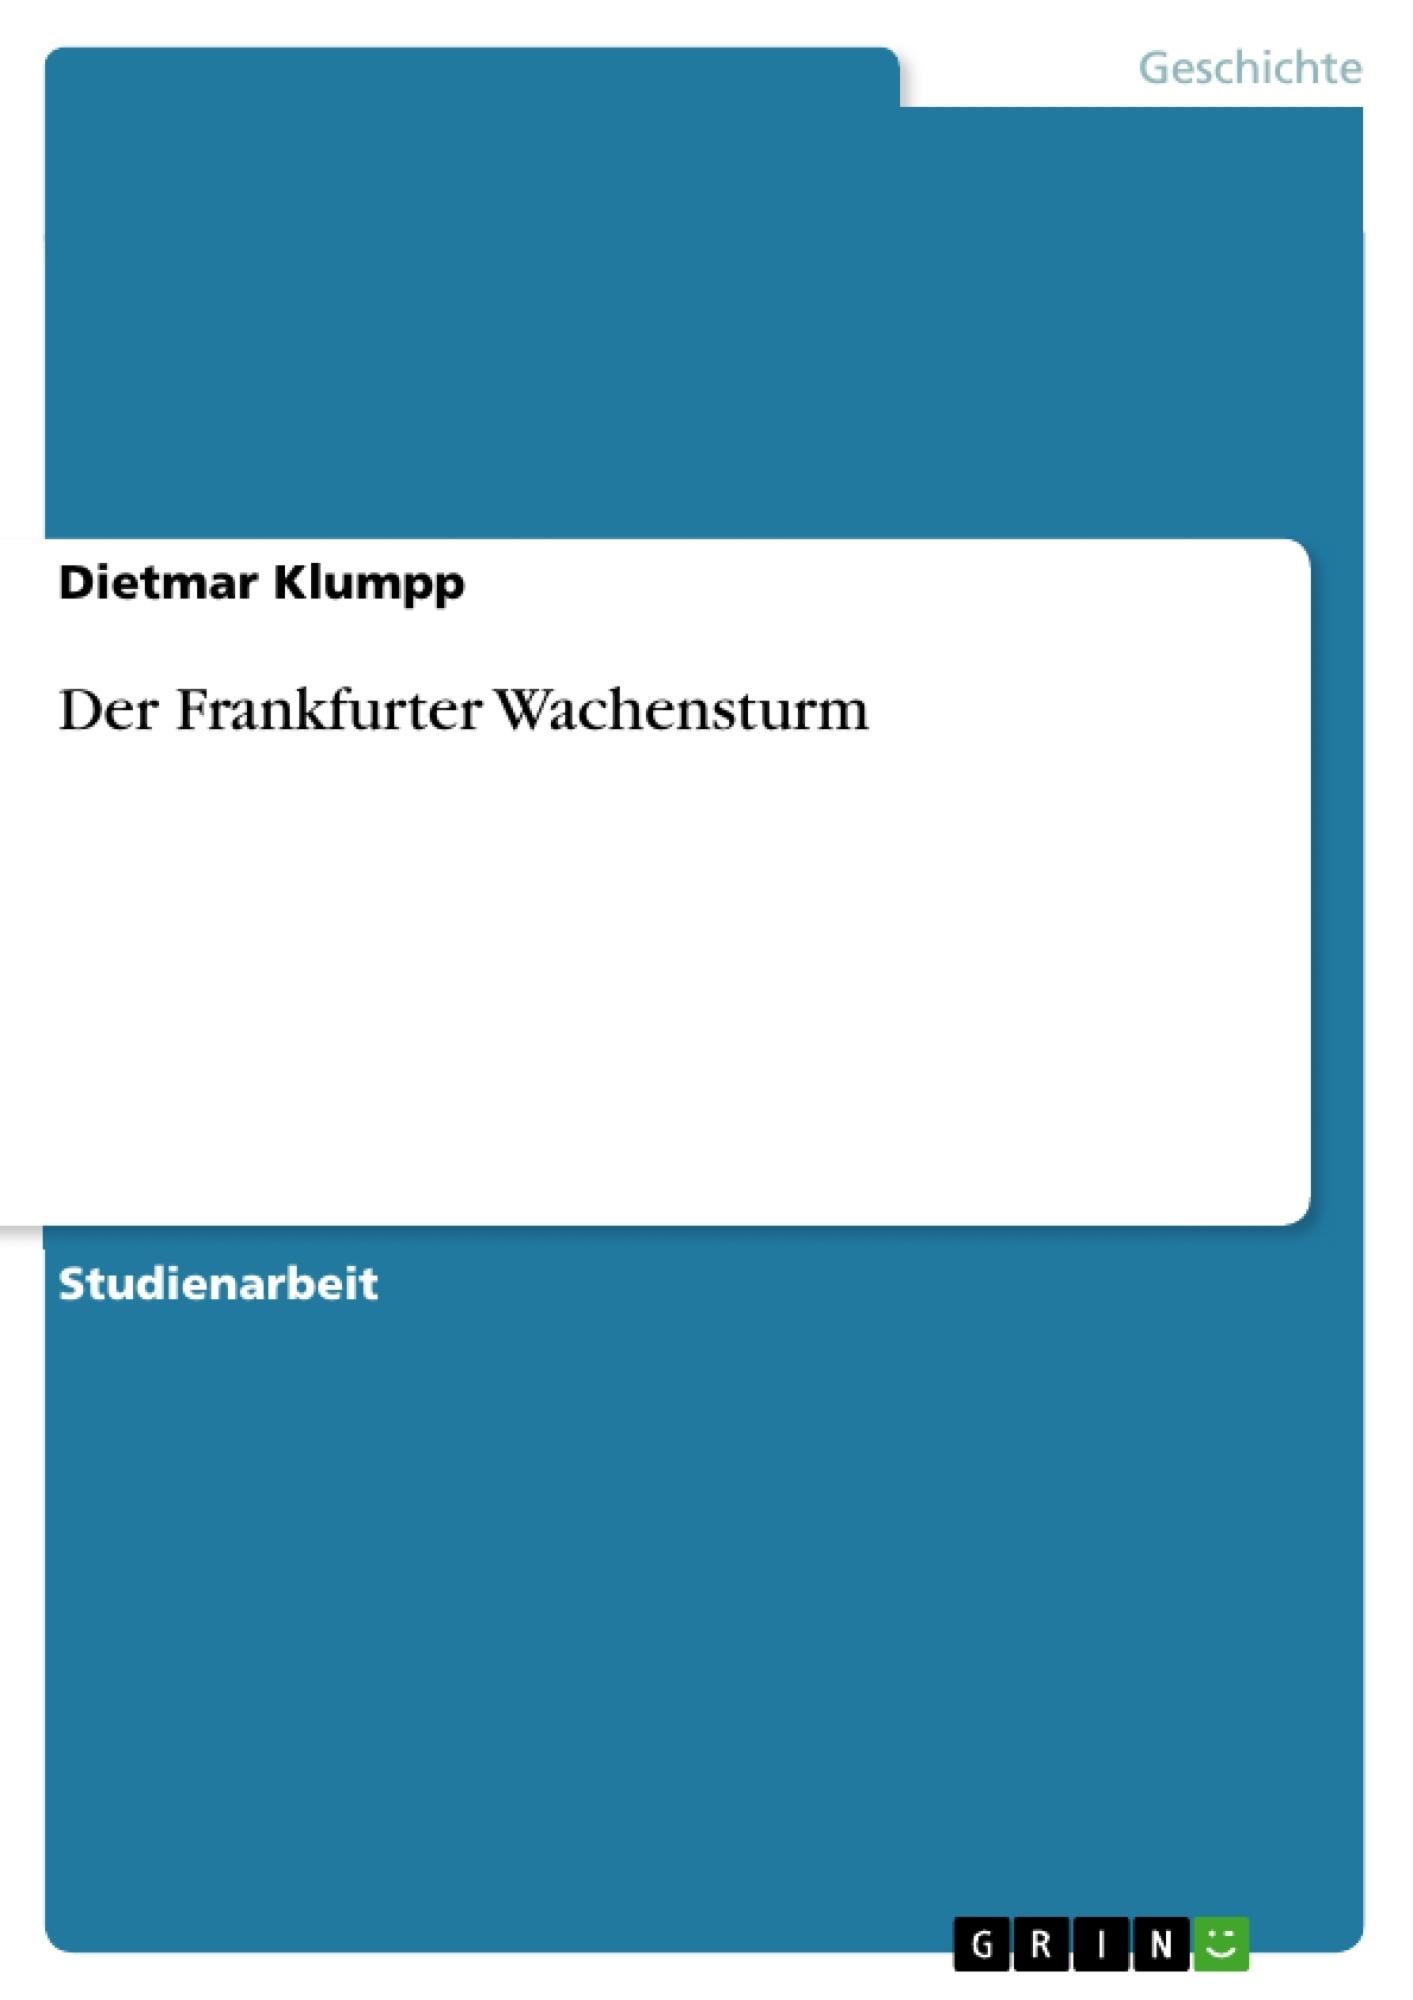 Titel: Der Frankfurter Wachensturm